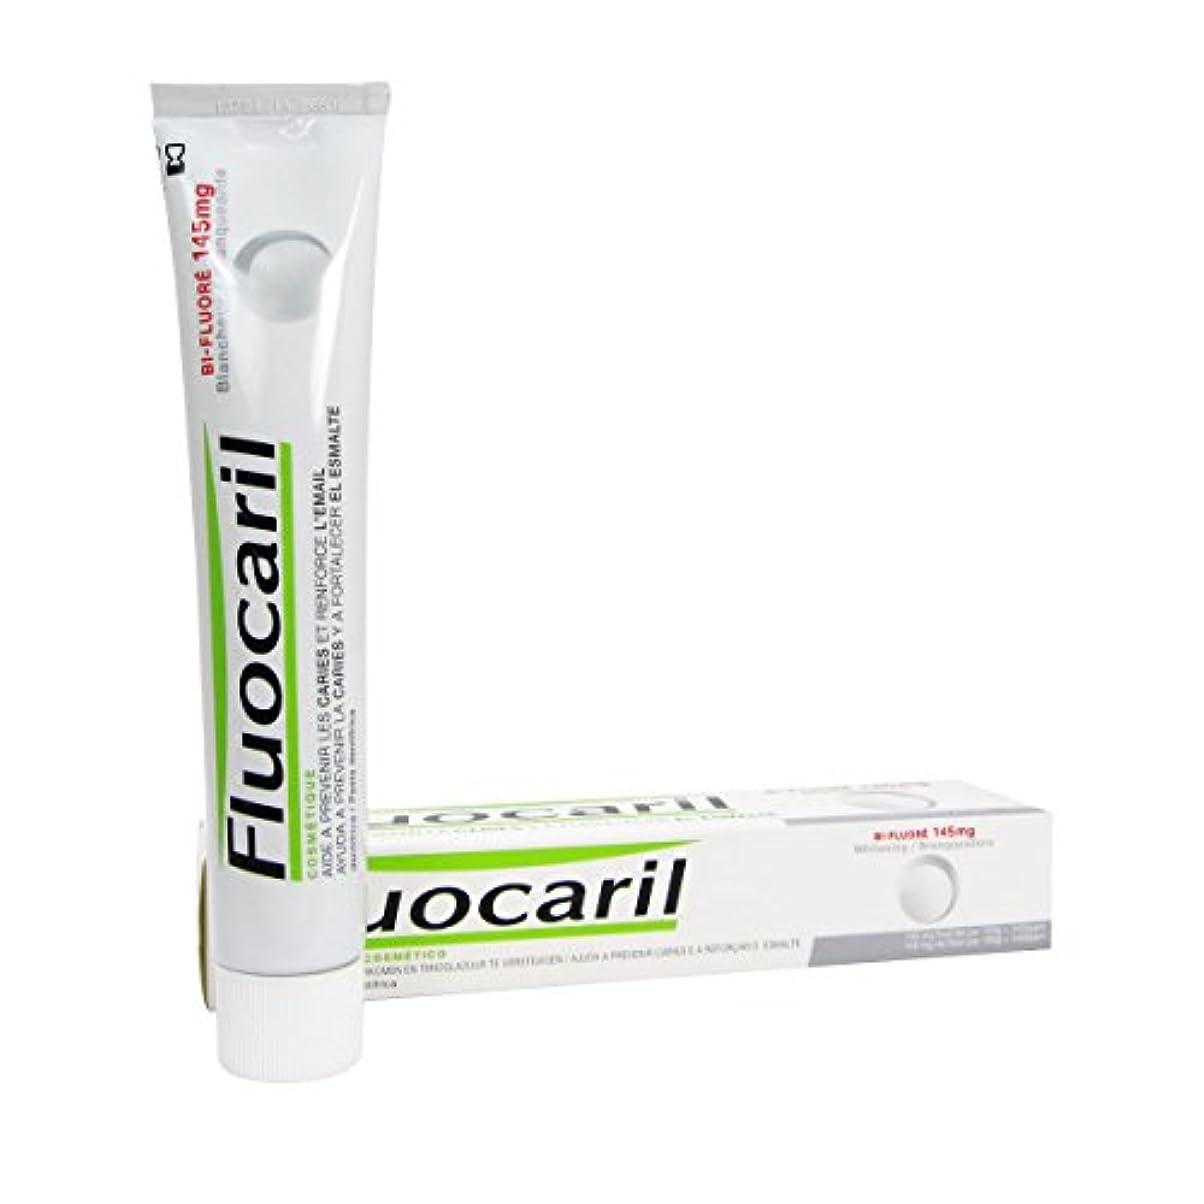 毒液バイナリいつFluocaril Bi-fluor 145mg Whitening Toothpaste 75ml [並行輸入品]